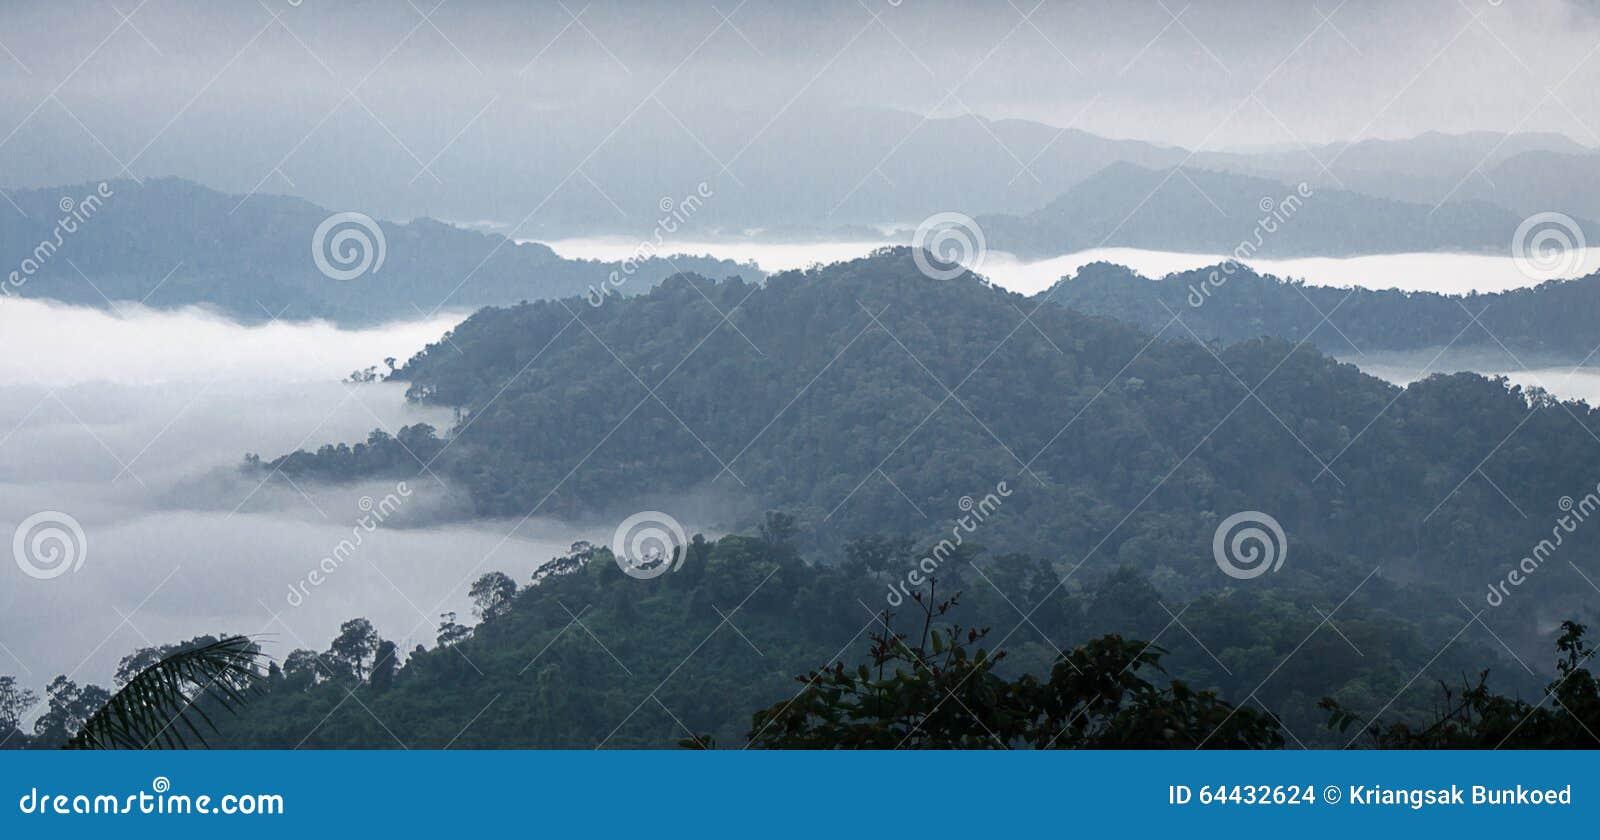 Morze mgła na górze 50mm plam tła wpływu pożarów nocy nikkor strony strona